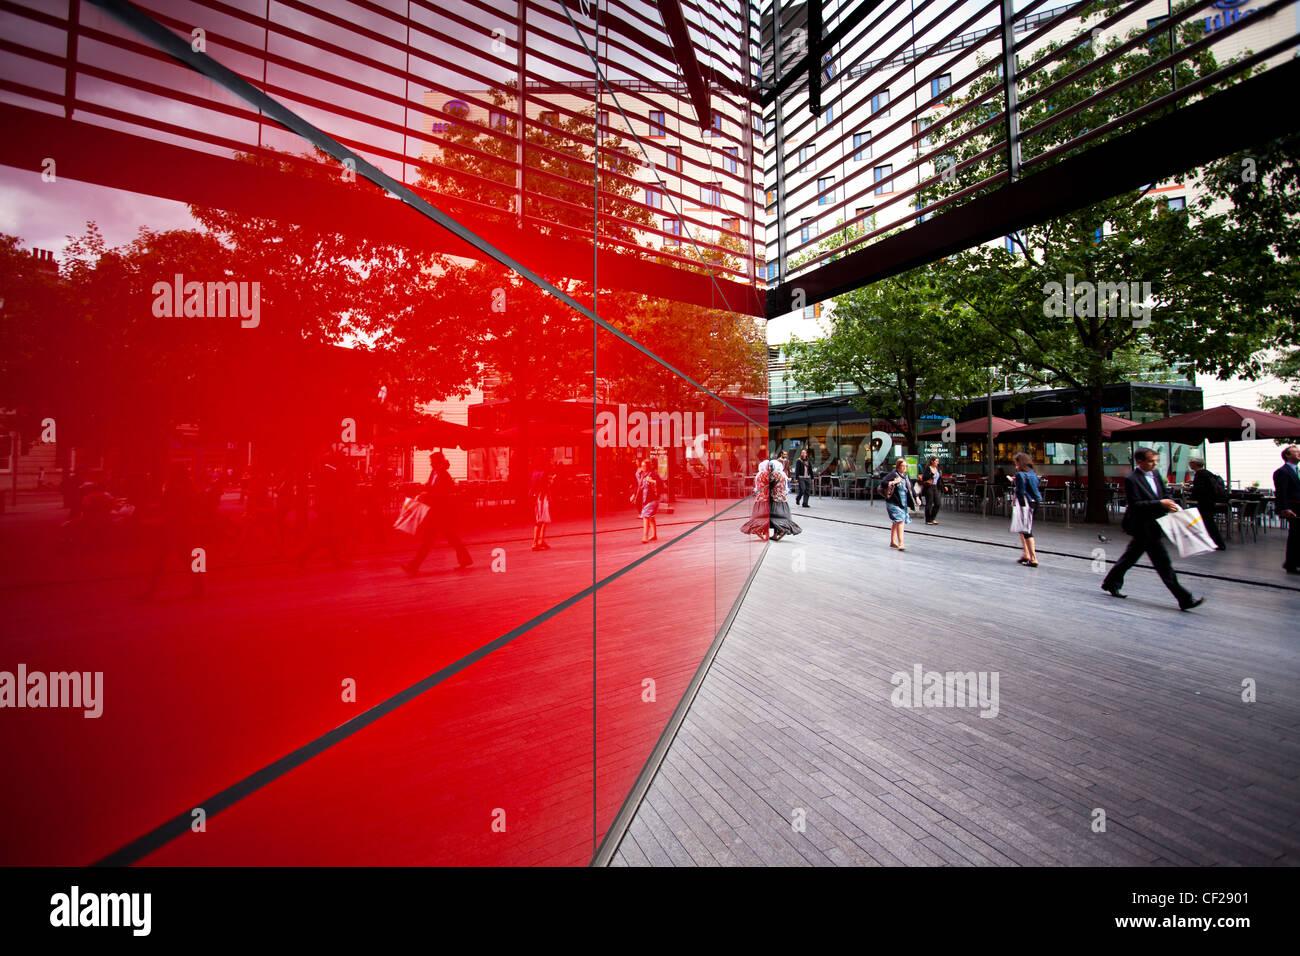 """I pedoni a piedi passato """"6 More London Place"""", di un ufficio e di sviluppo della vendita al dettaglio Immagini Stock"""